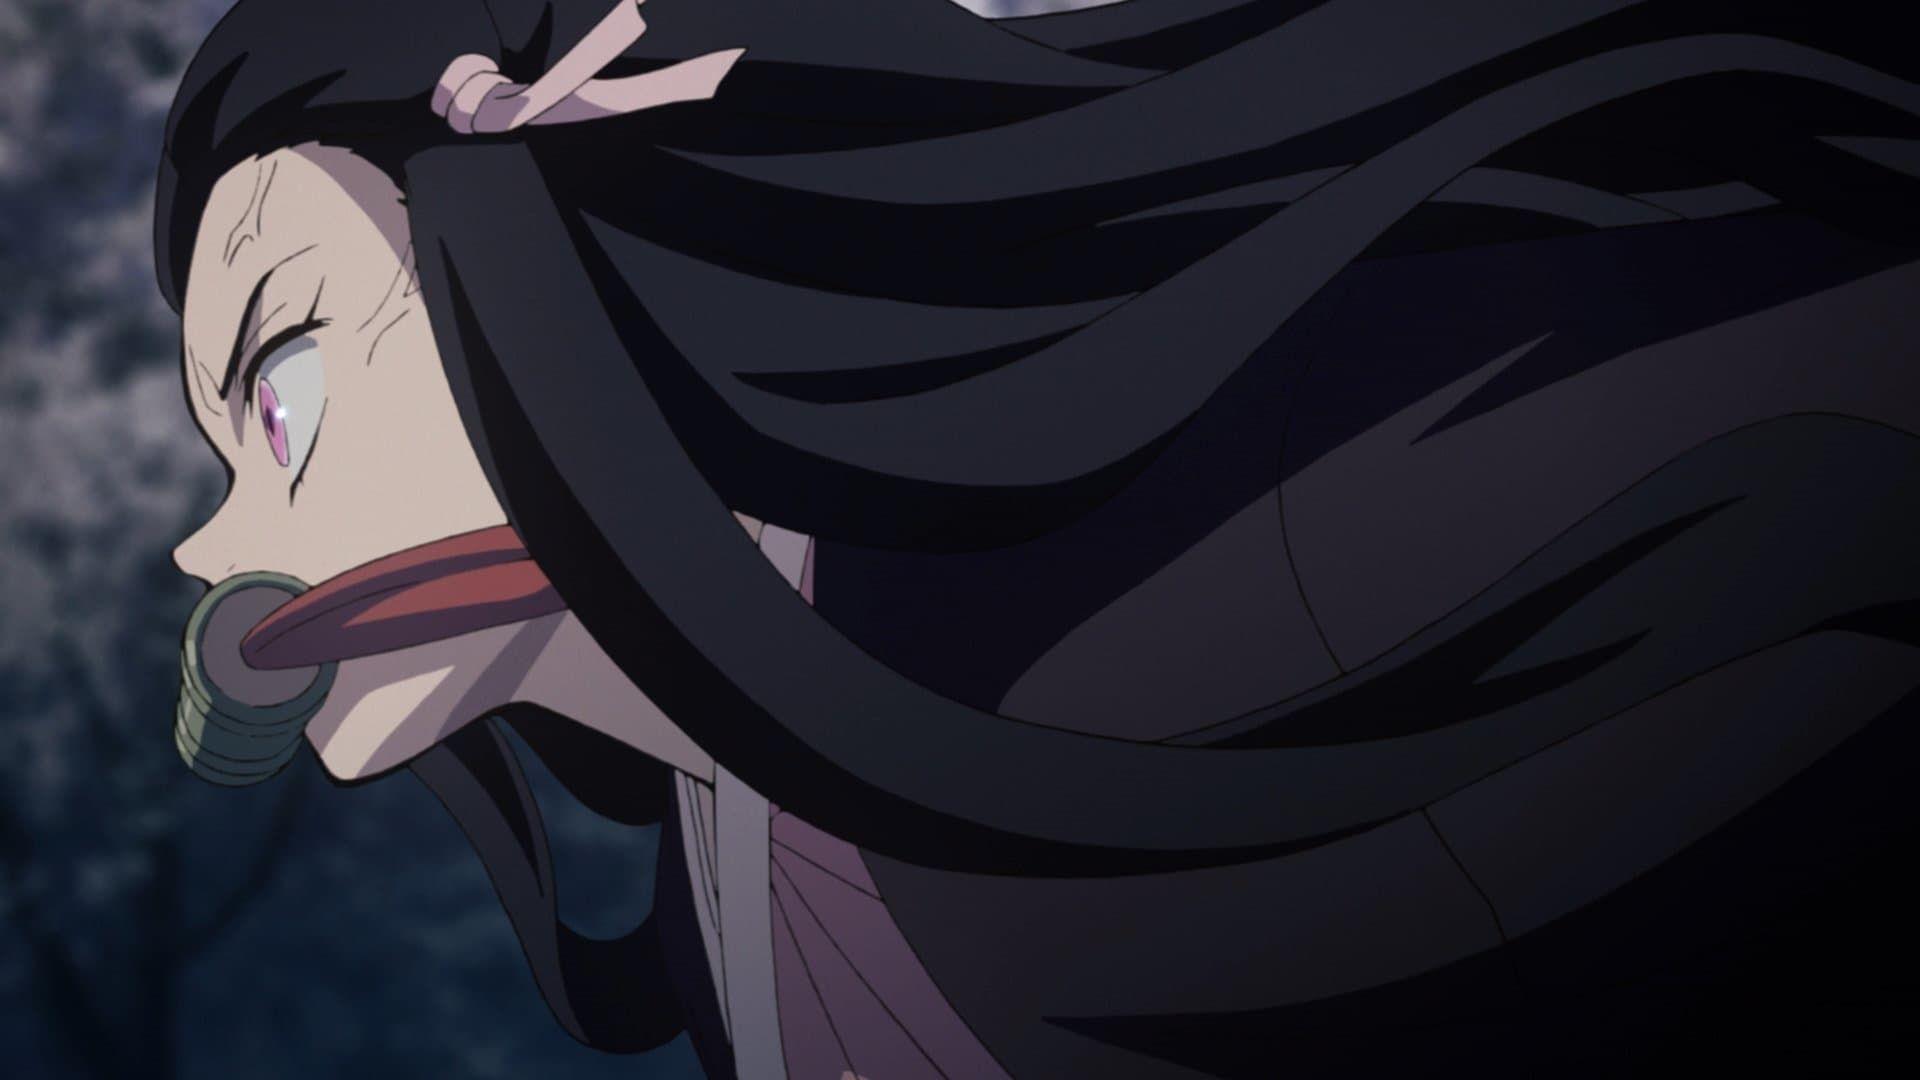 Demon Slayer Kimetsu No Yaiba Kimitsu